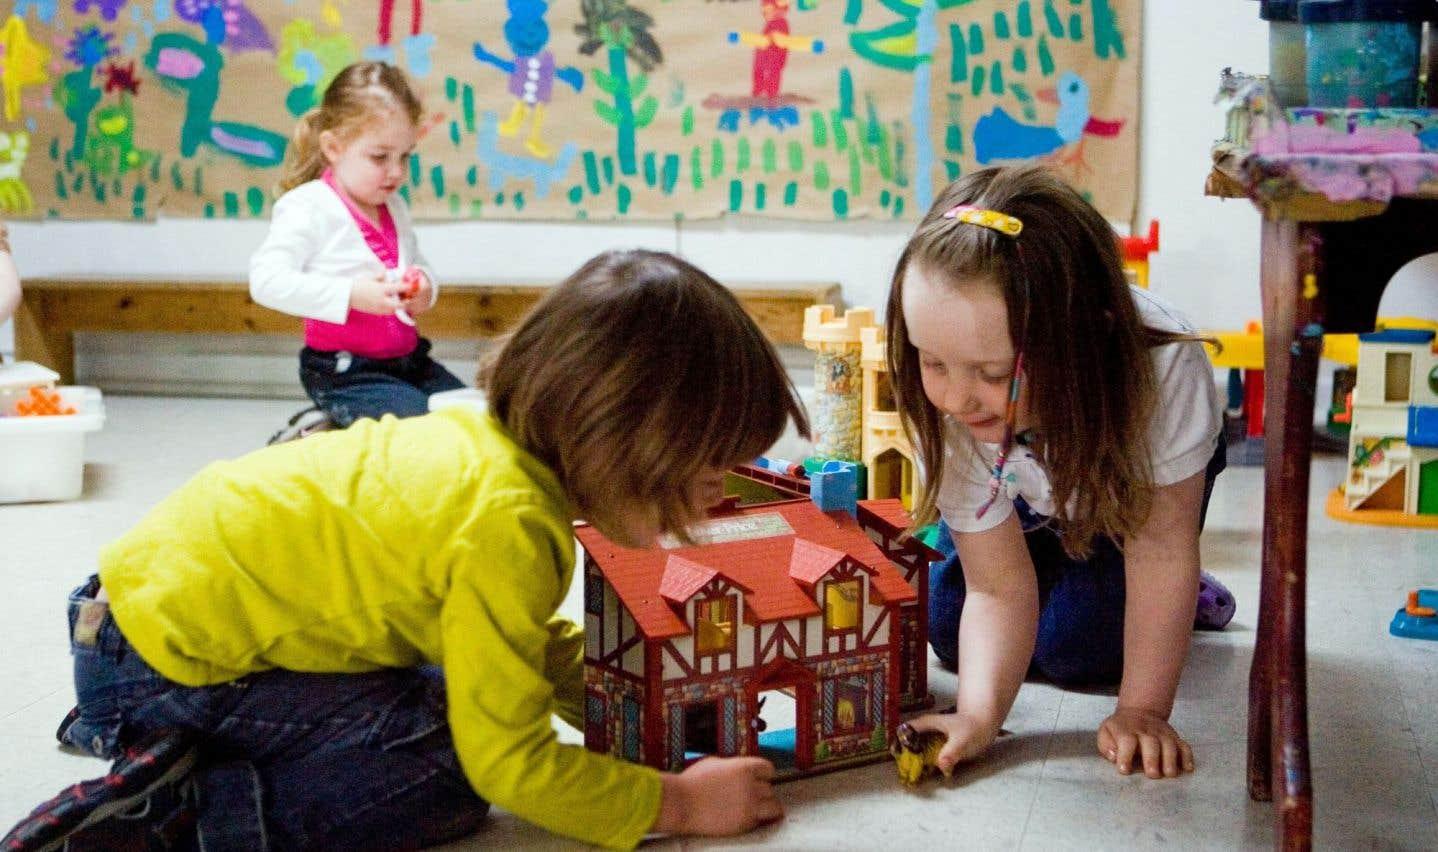 Les attentes sont élevées après le passage de l'ex-ministre Francine Charbonneau qui avait affirmé qu'elle ne voyait pas de différence entre un CPE et une garderie commerciale — un commentaire que n'ont toujours pas digéré les acteurs du milieu de la petite enfance.